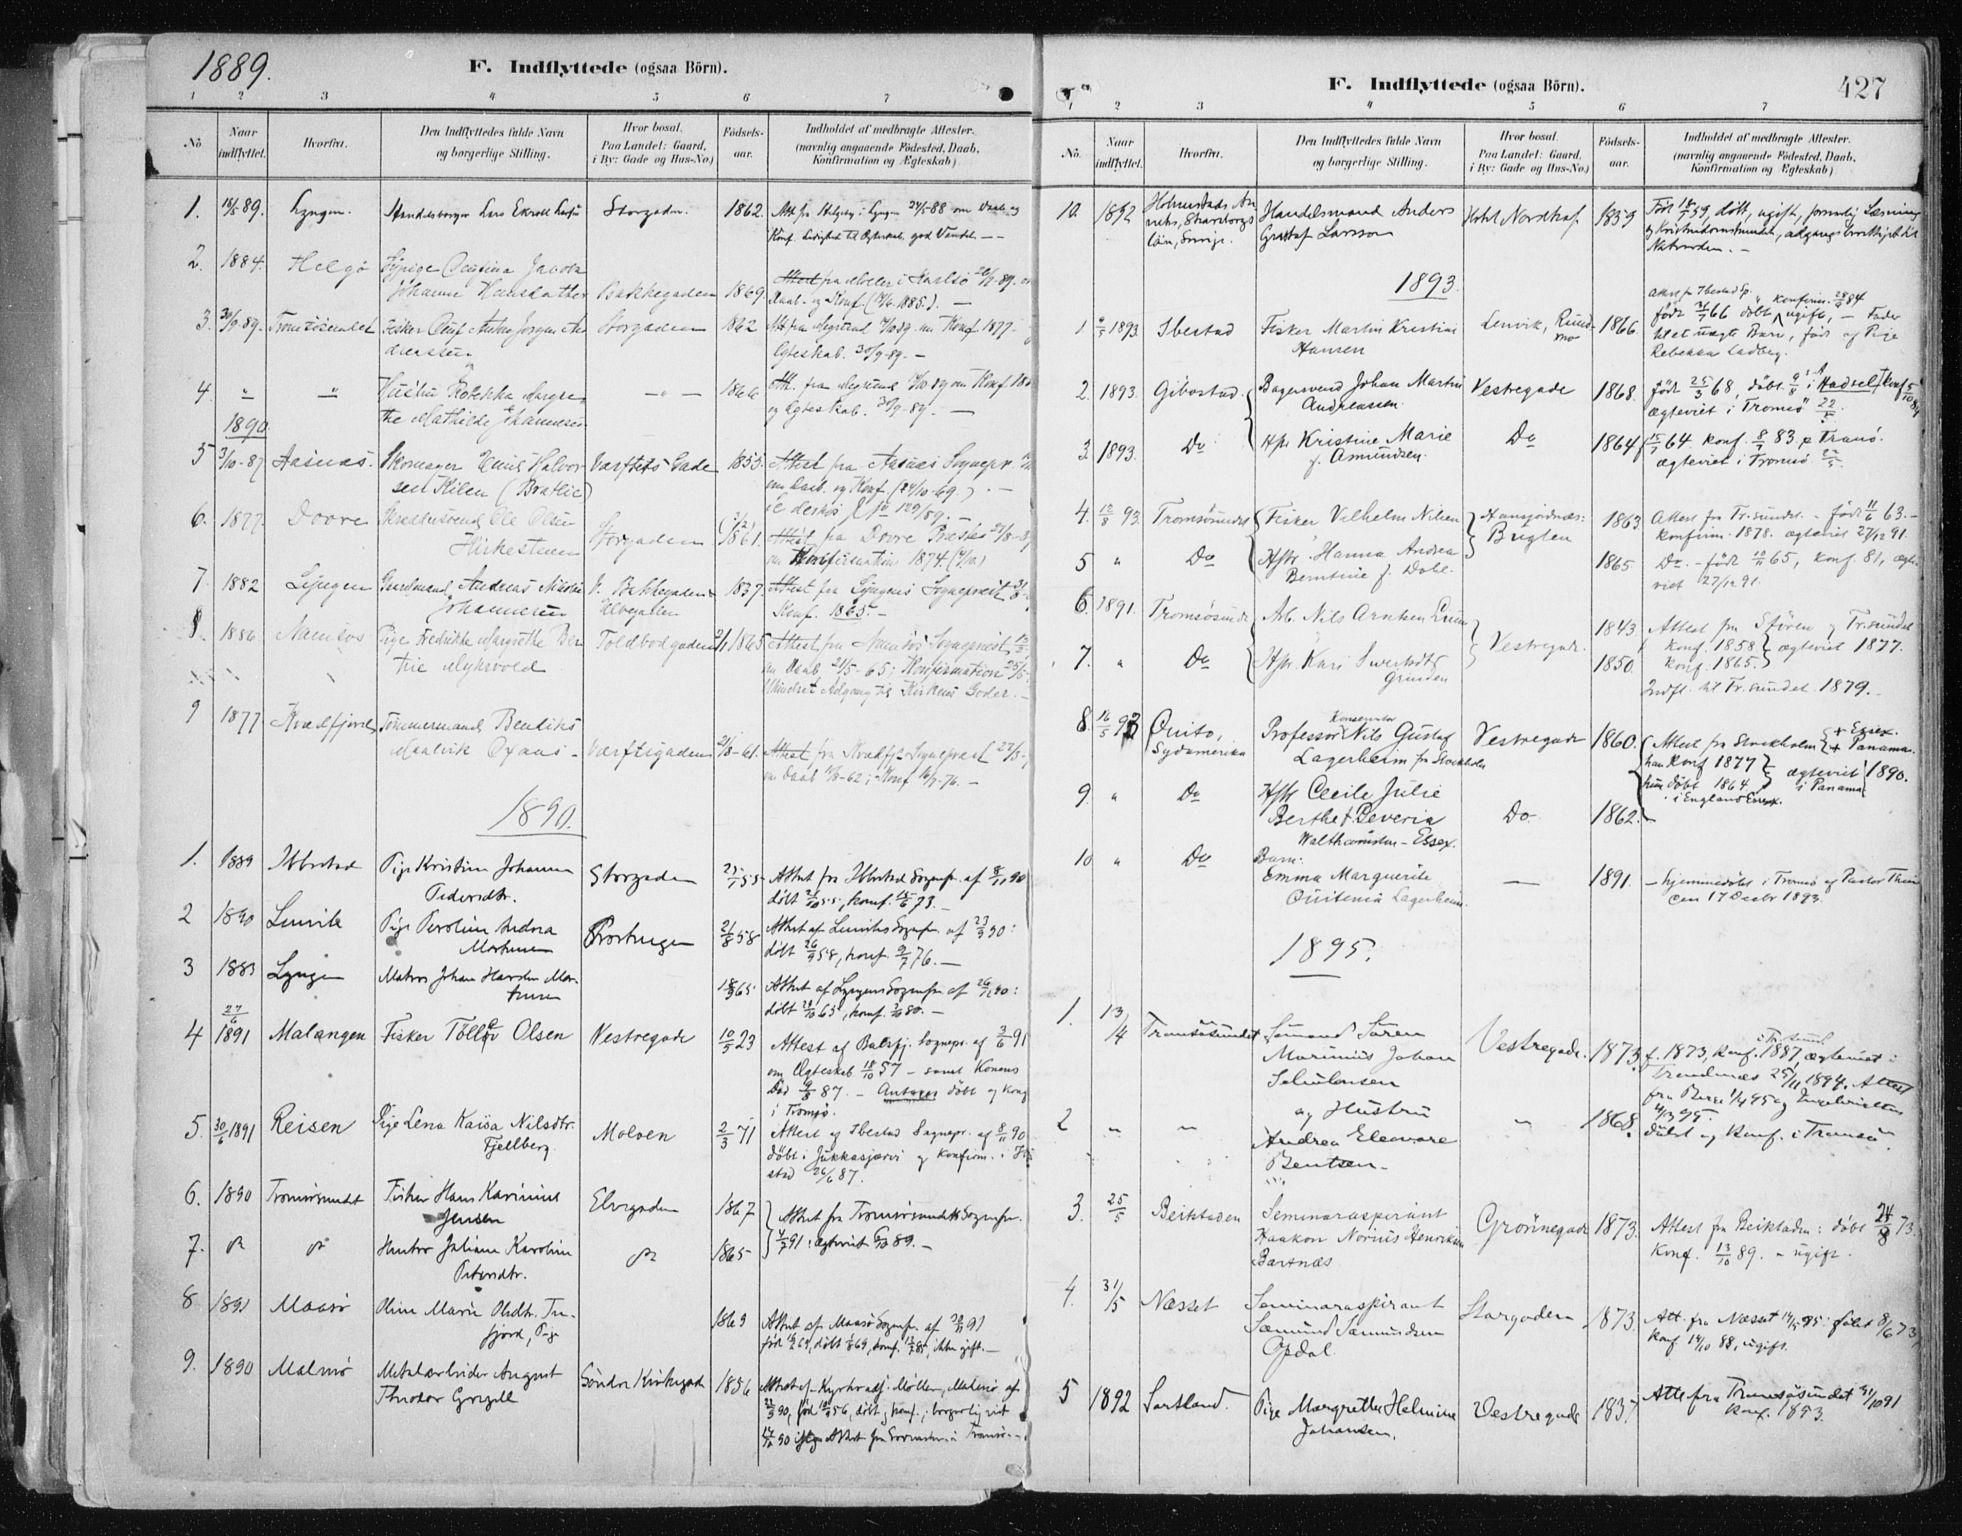 SATØ, Tromsø sokneprestkontor/stiftsprosti/domprosti, G/Ga/L0015kirke: Ministerialbok nr. 15, 1889-1899, s. 427